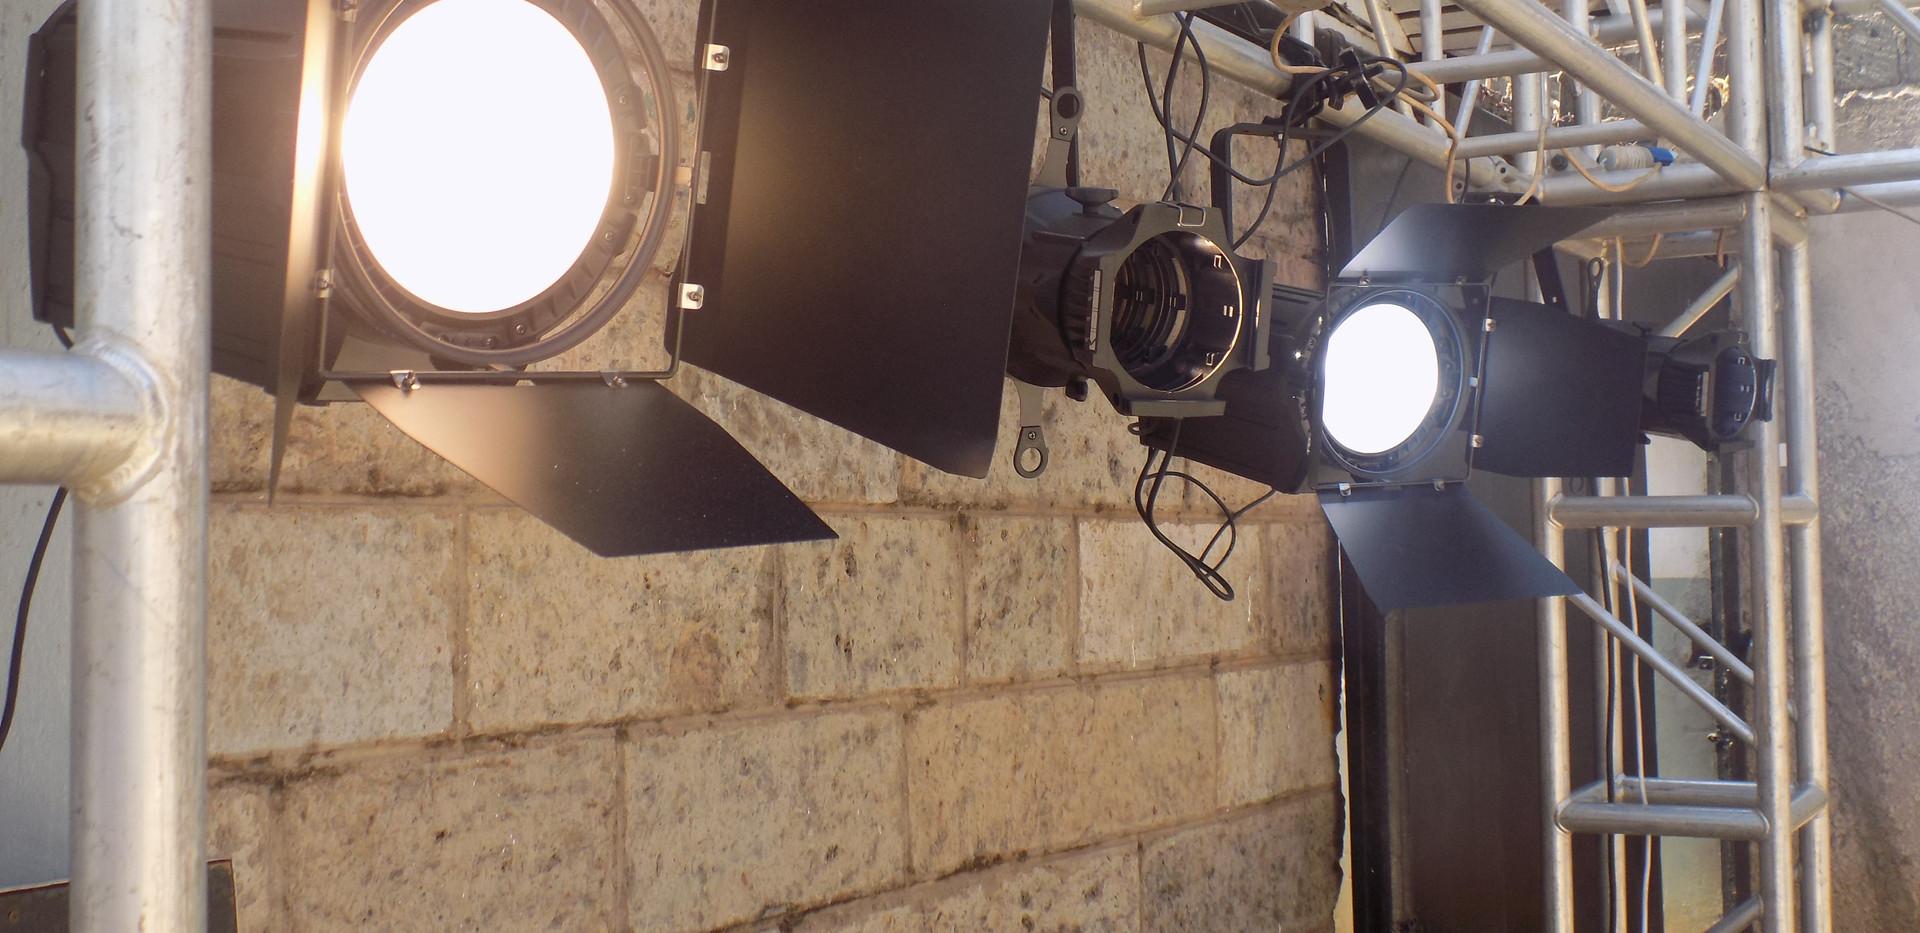 LED Profile lights and Fresnels